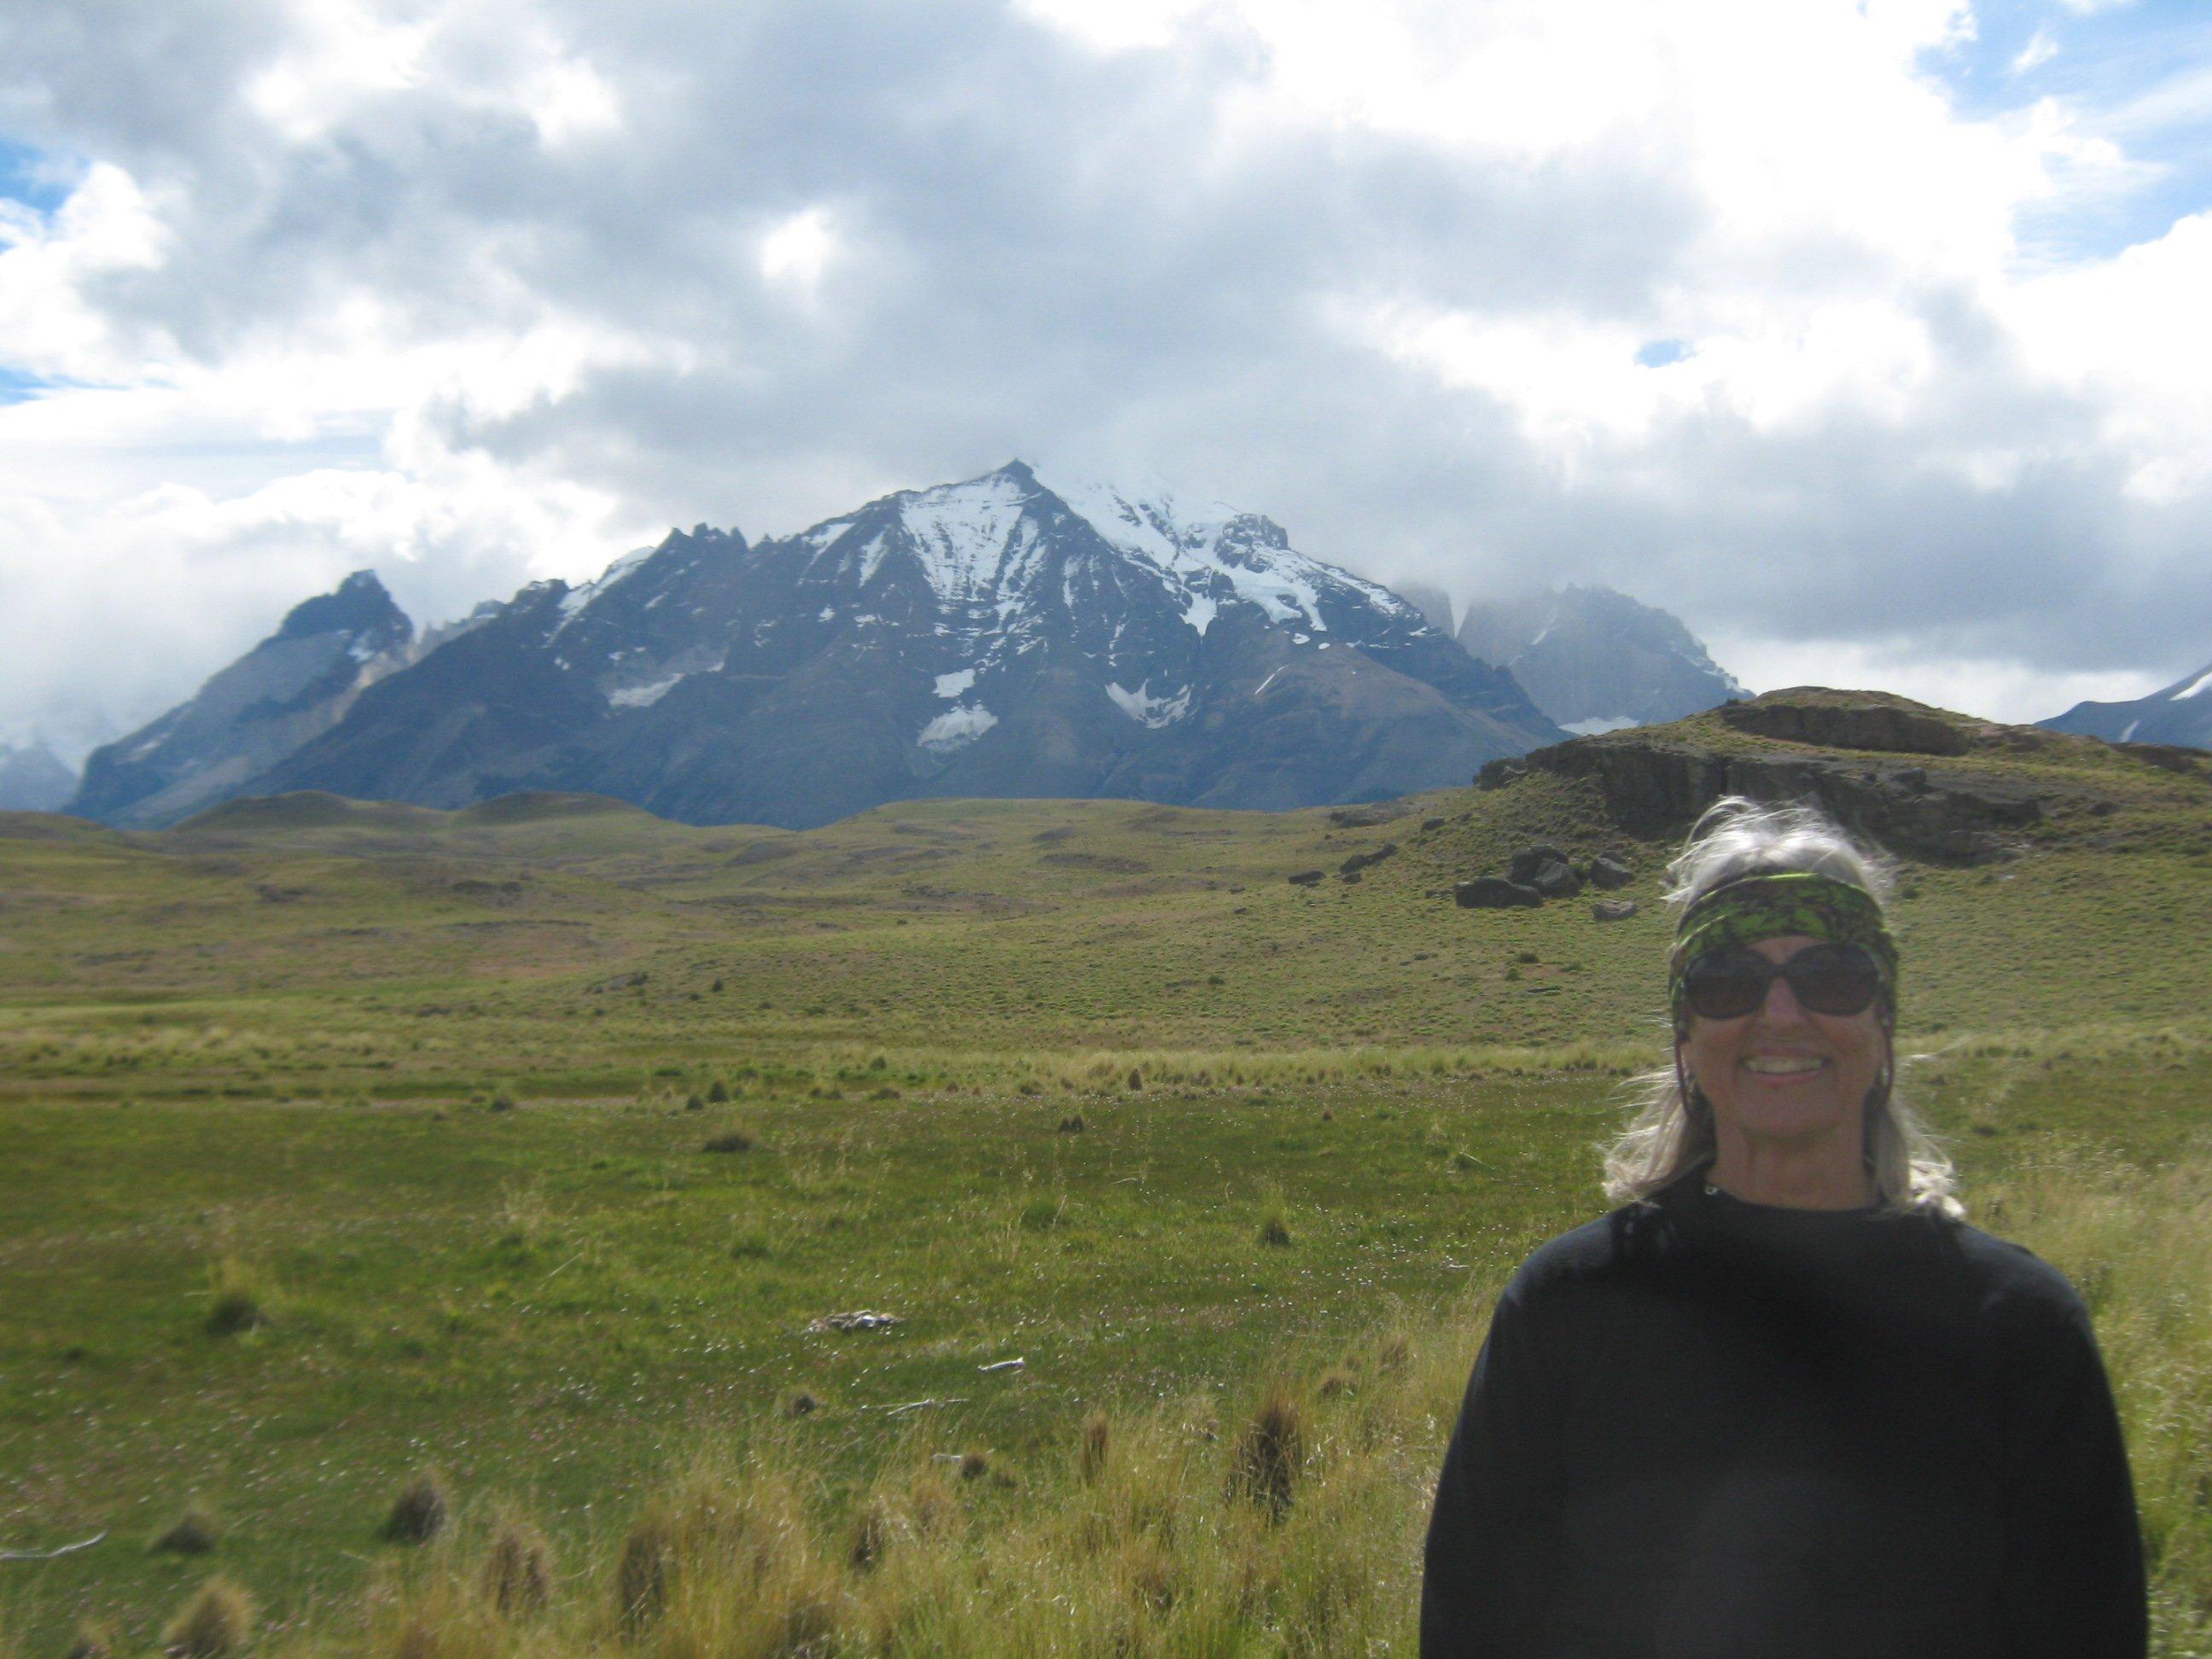 Wallis' trip to Torres del Paine & Los Glaciares